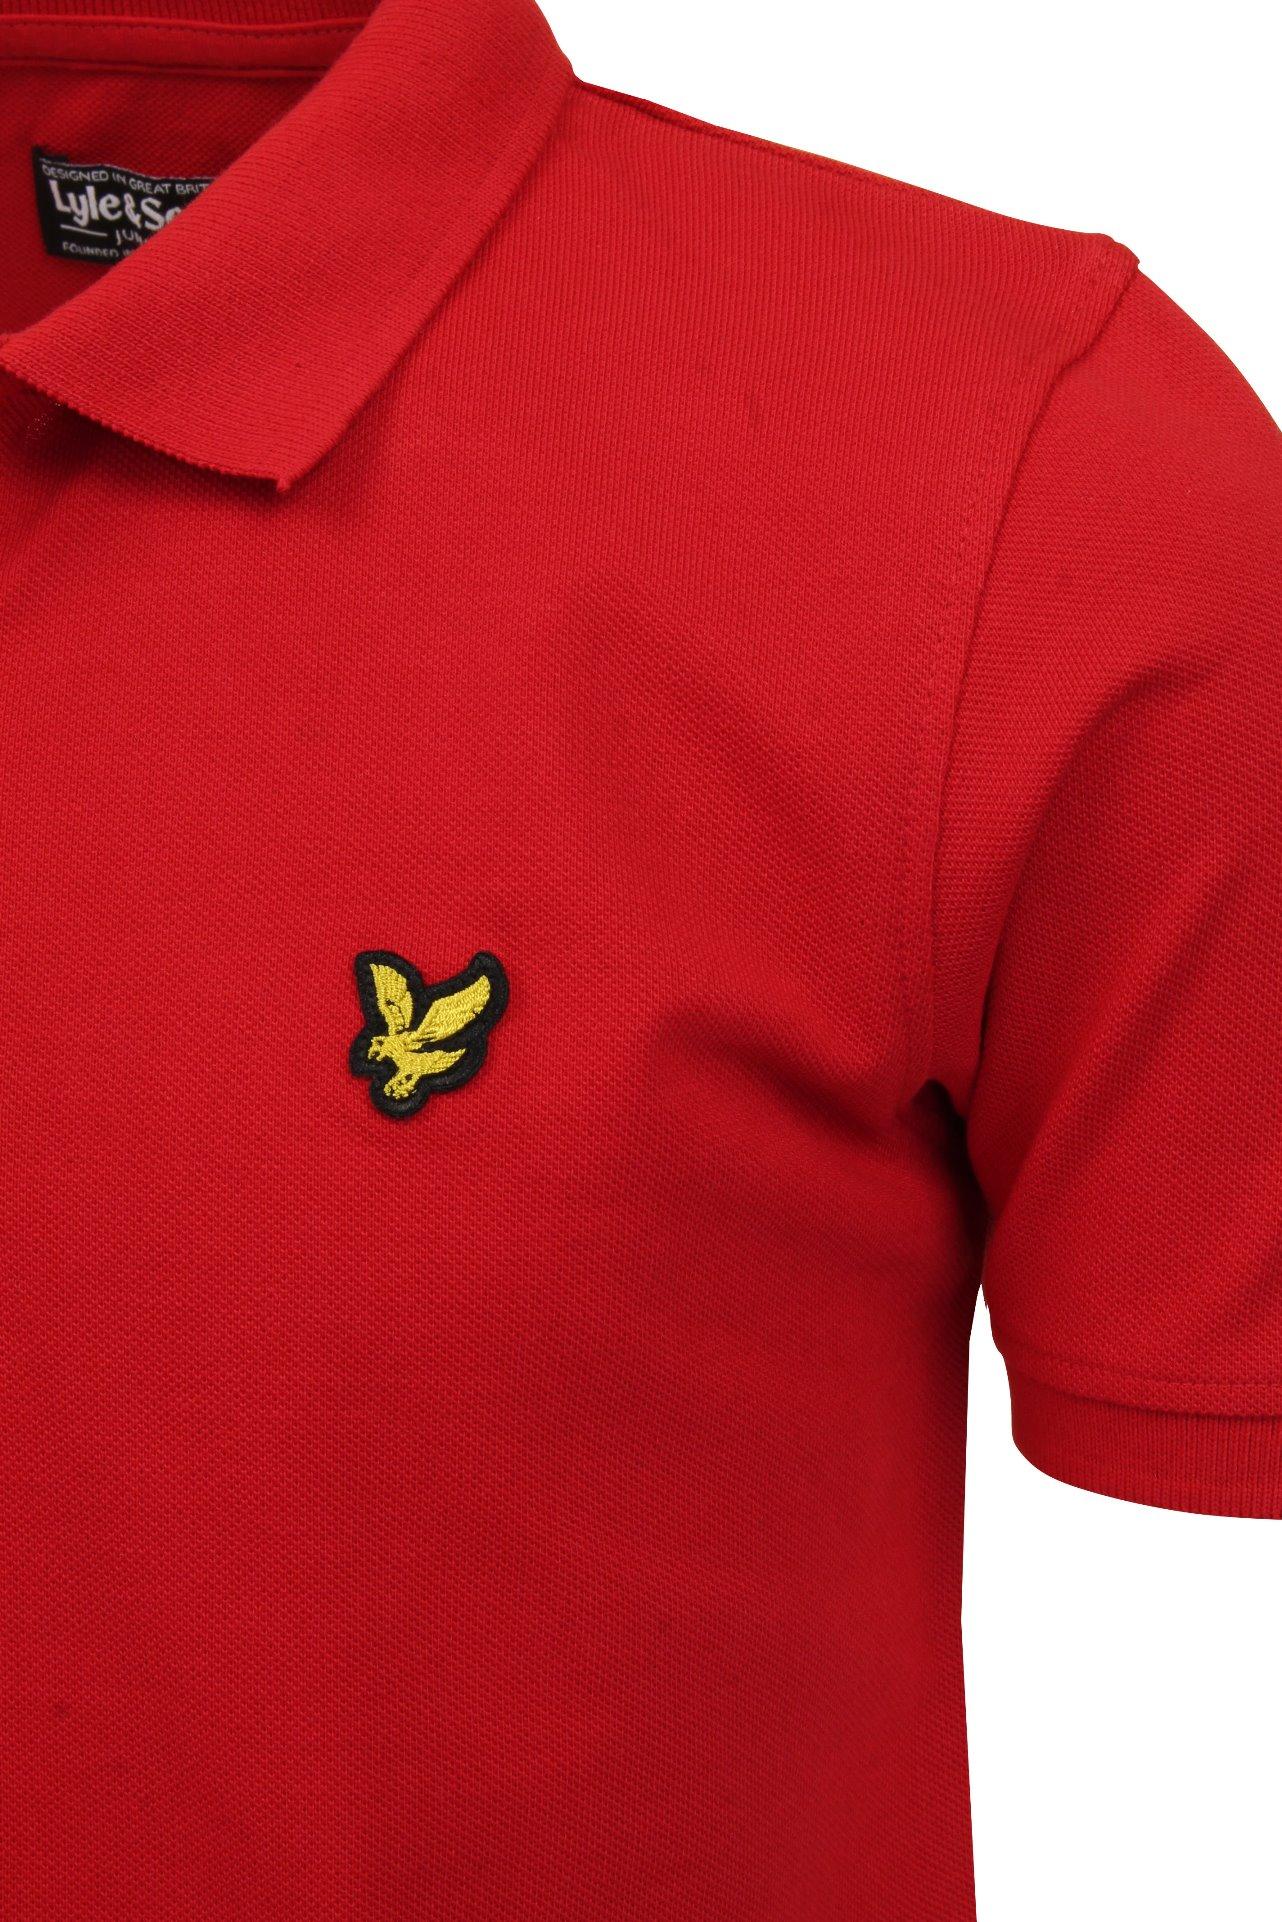 Lyle-amp-Scott-Garcons-Classique-Polo-T-Shirt miniature 13